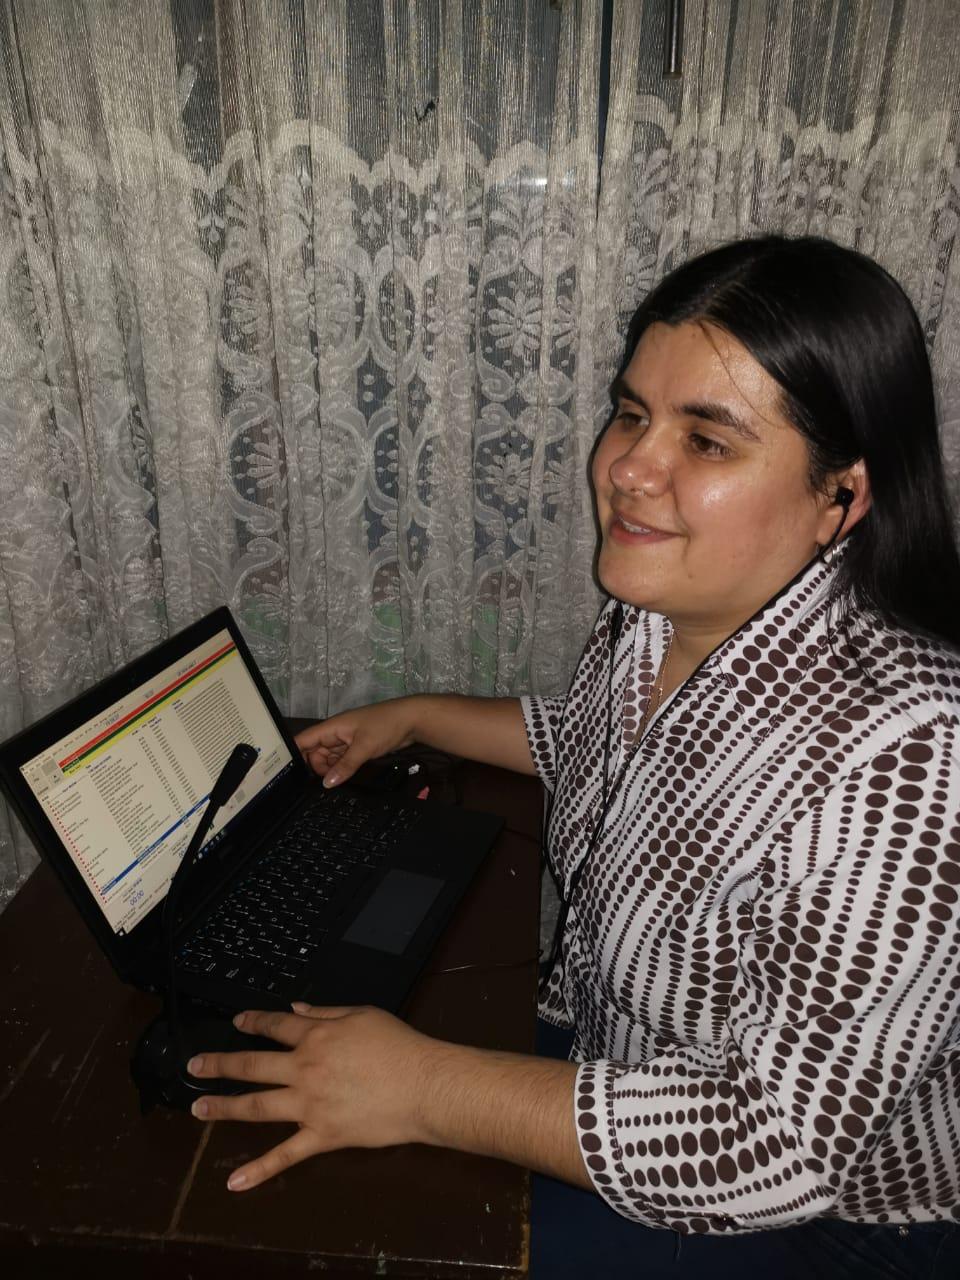 Imagen foto color de Maritza Medina interactuando con su computador